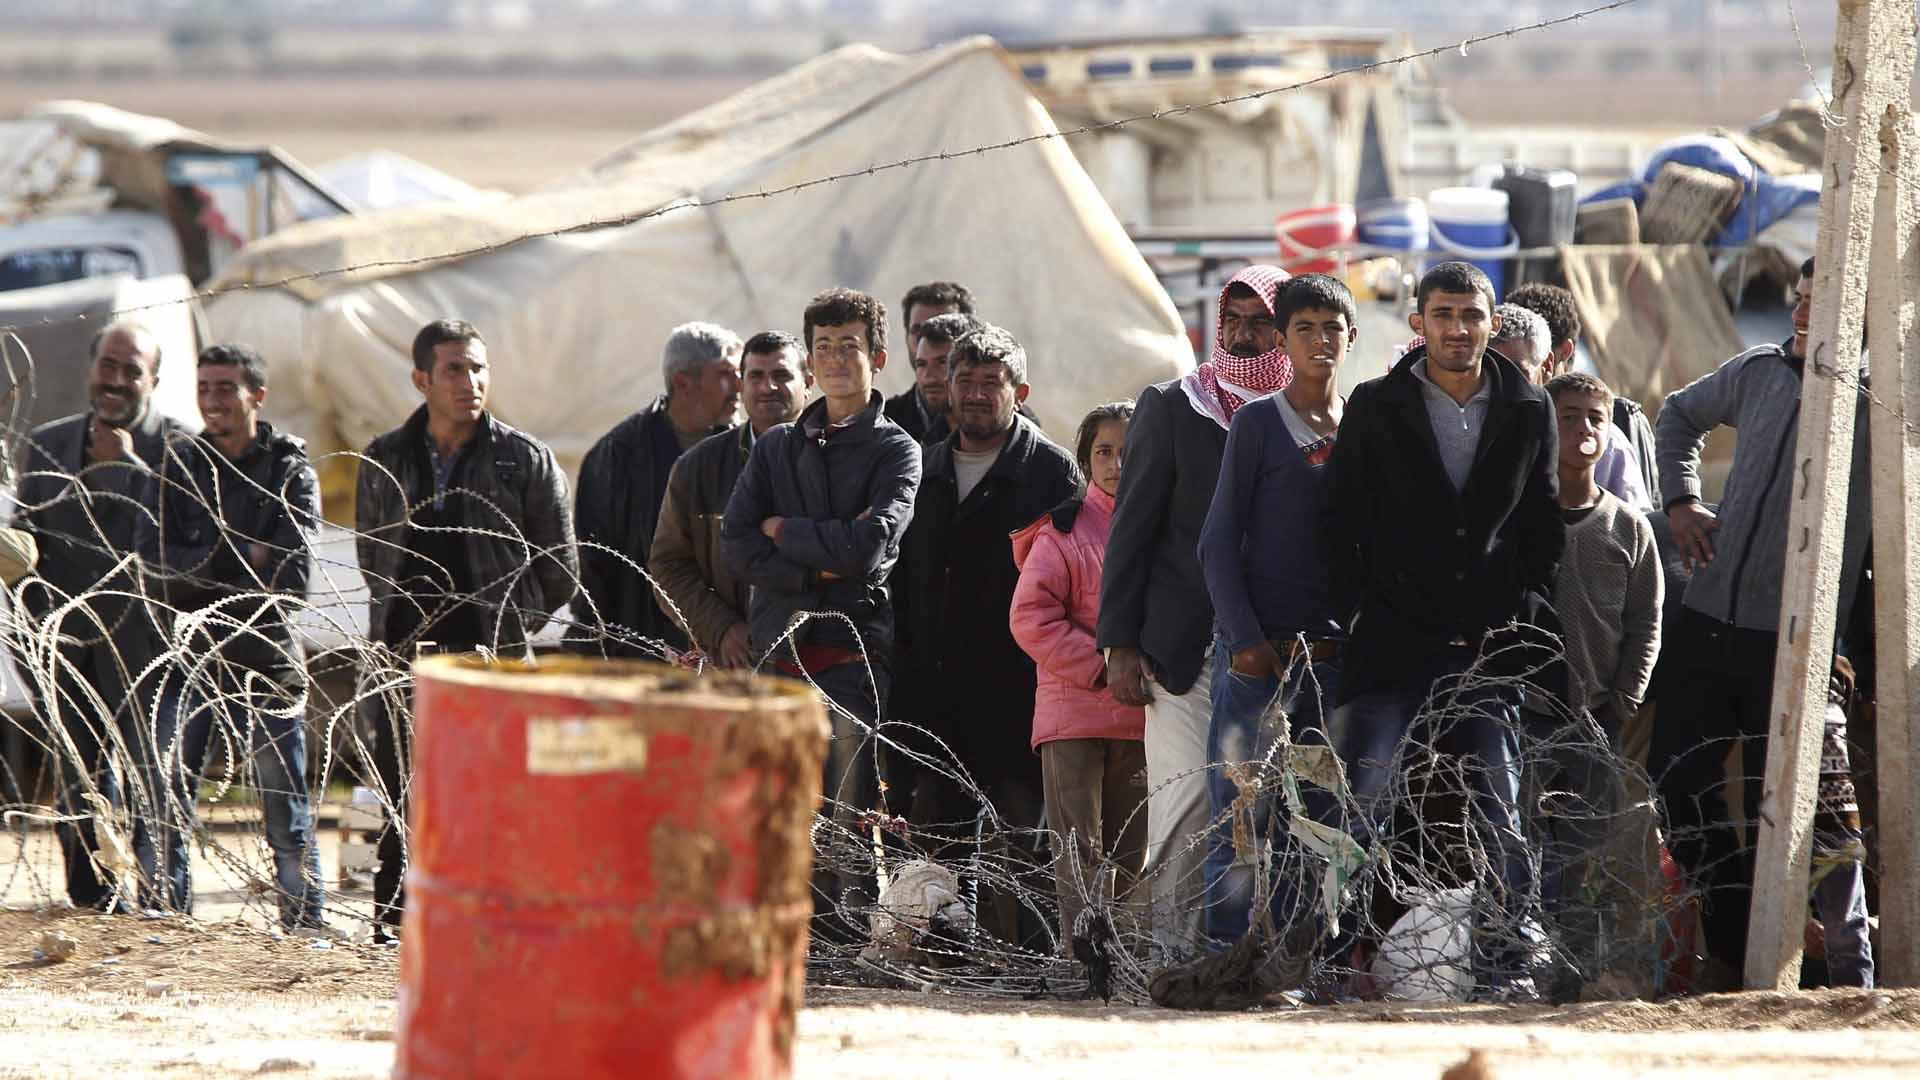 Fuerzas del ejercito irrumpieron en los campos de refugiados en busca de los sospechosos